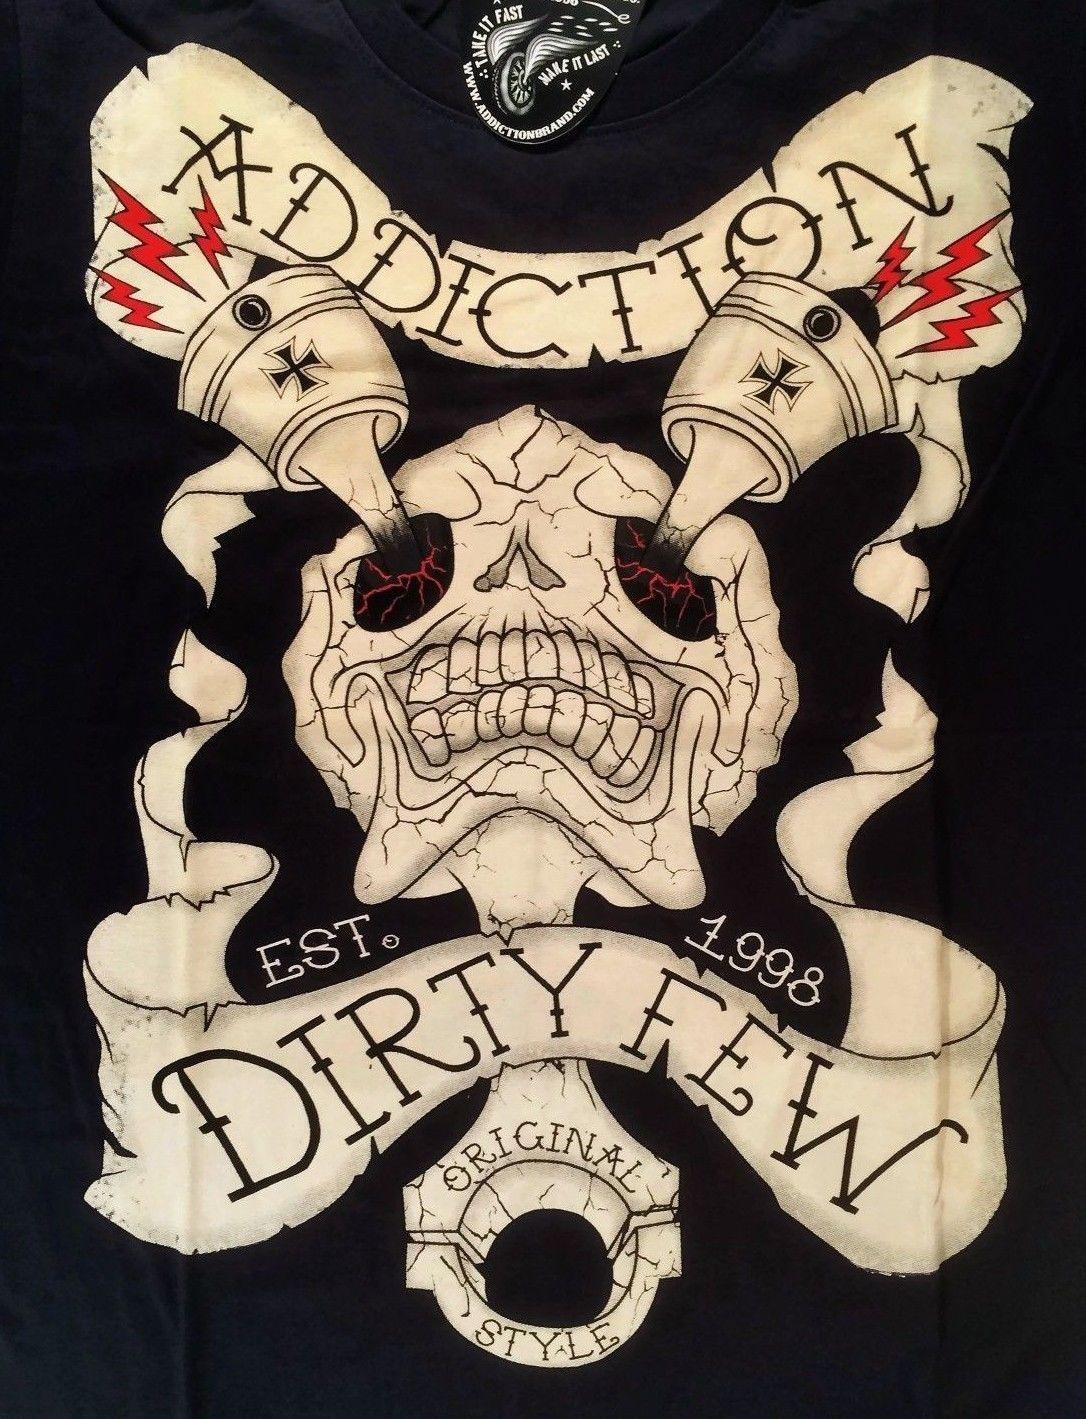 2018 Новый Для мужчин S футболки наркомании бренд Для мужчин футболка черный череп грязный несколько татуировки Байкер средний 100% хлопковые ф... ...